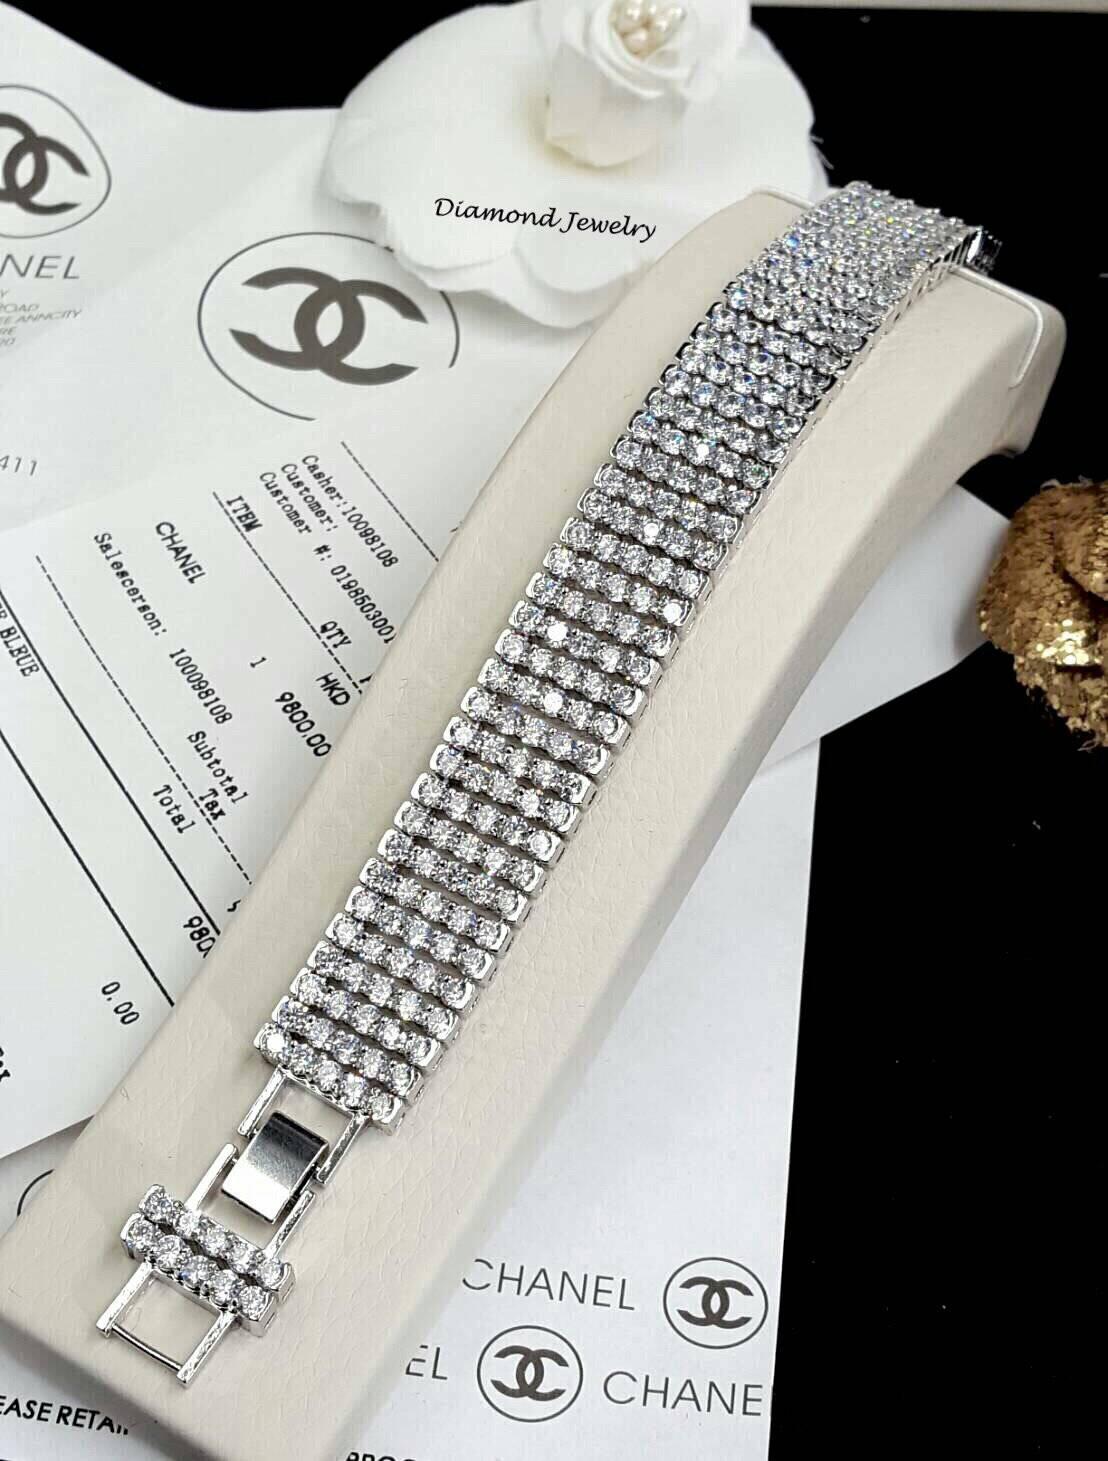 พร้อมส่ง Diamond Bracelet สร้อยข้อมือเพชรงานเกรดไฮเอนค่ะ เพชร 5 แถว